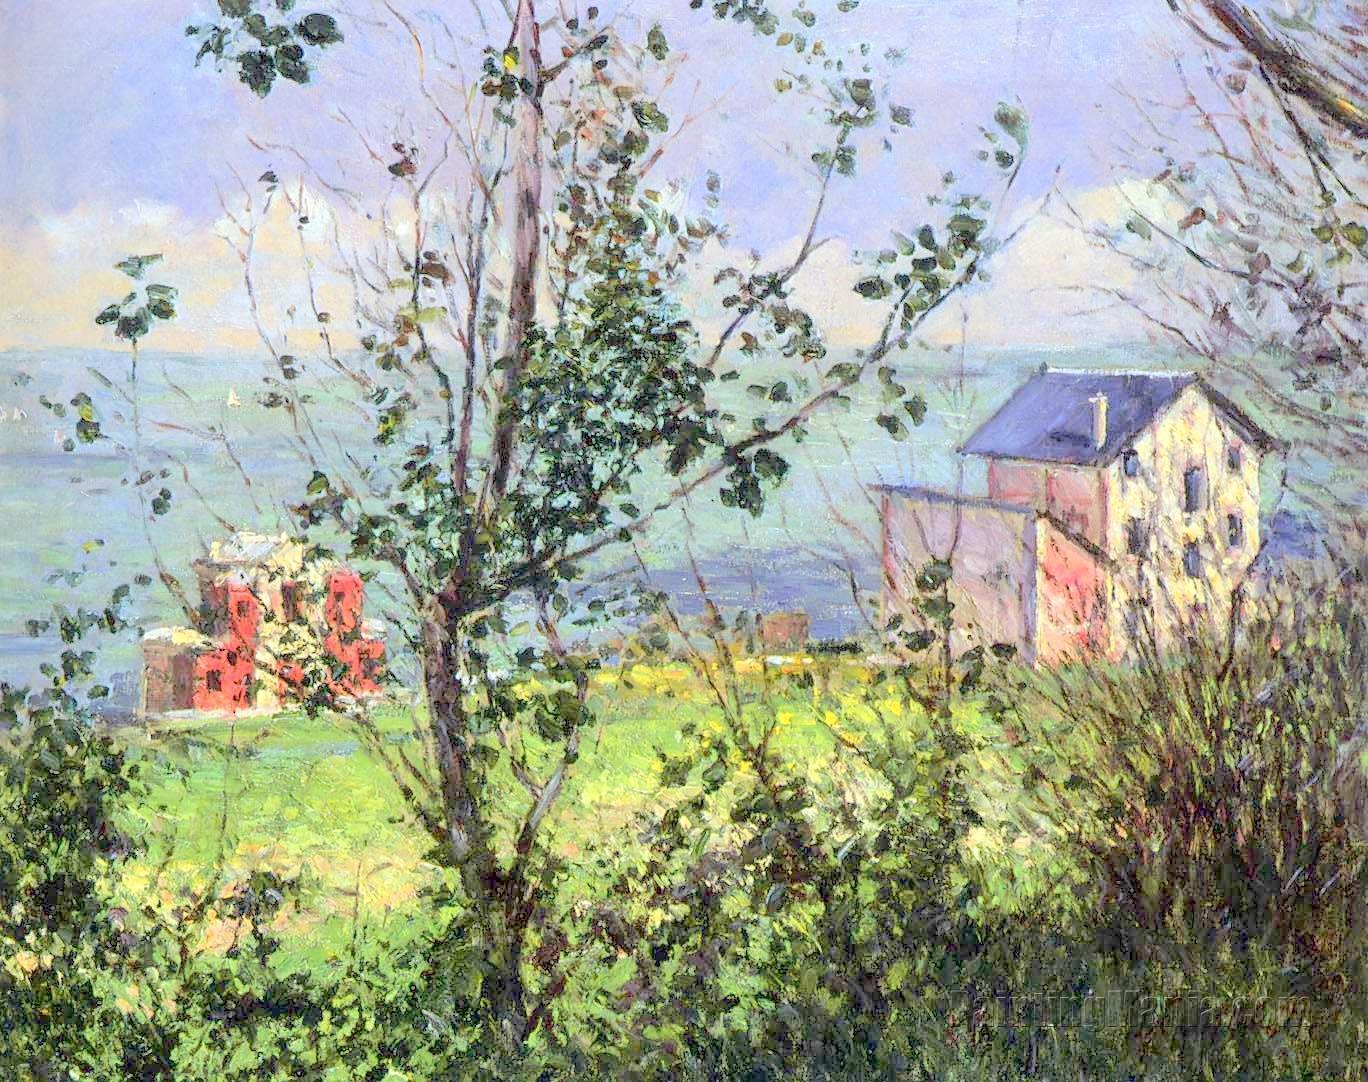 Villas at Trouville 1888